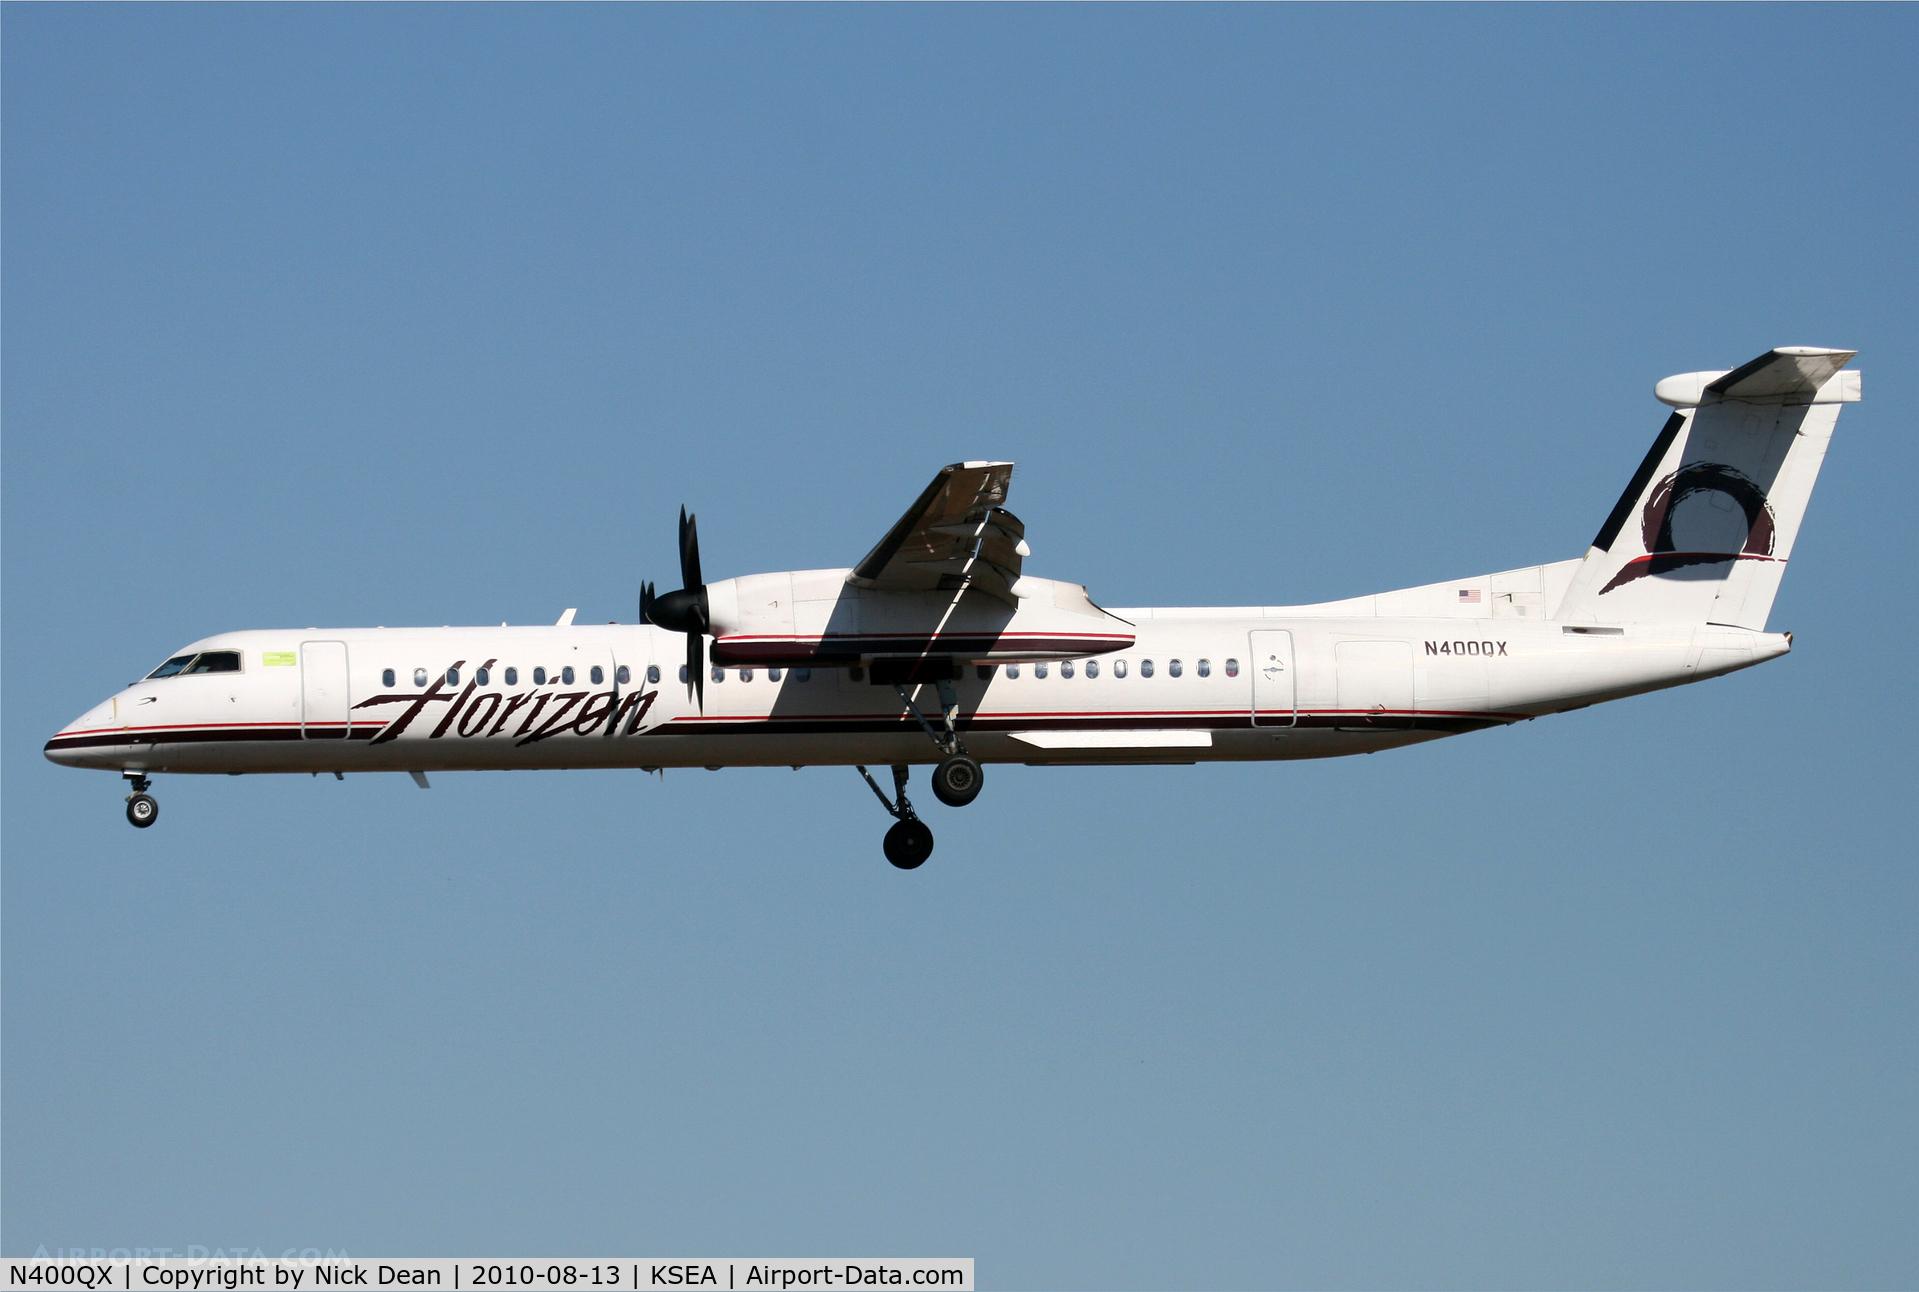 N400QX, 2000 Bombardier DHC-8-402 Dash 8 C/N 4030, KSEA